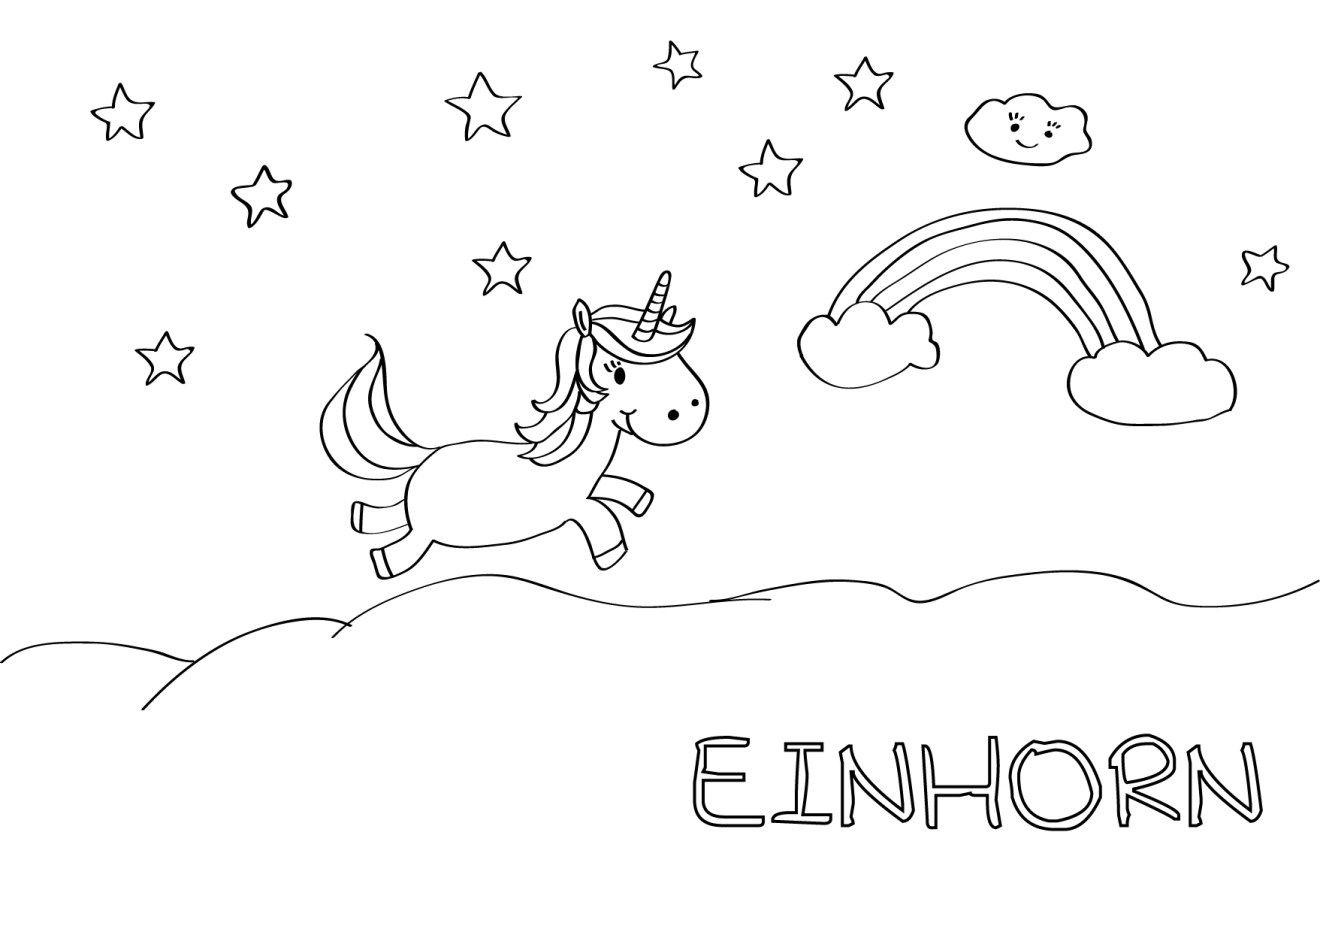 Kostenlose Malvorlagen   Malvorlage Einhorn, Malvorlagen verwandt mit Einhorn Ausmalbilder Zum Ausdrucken